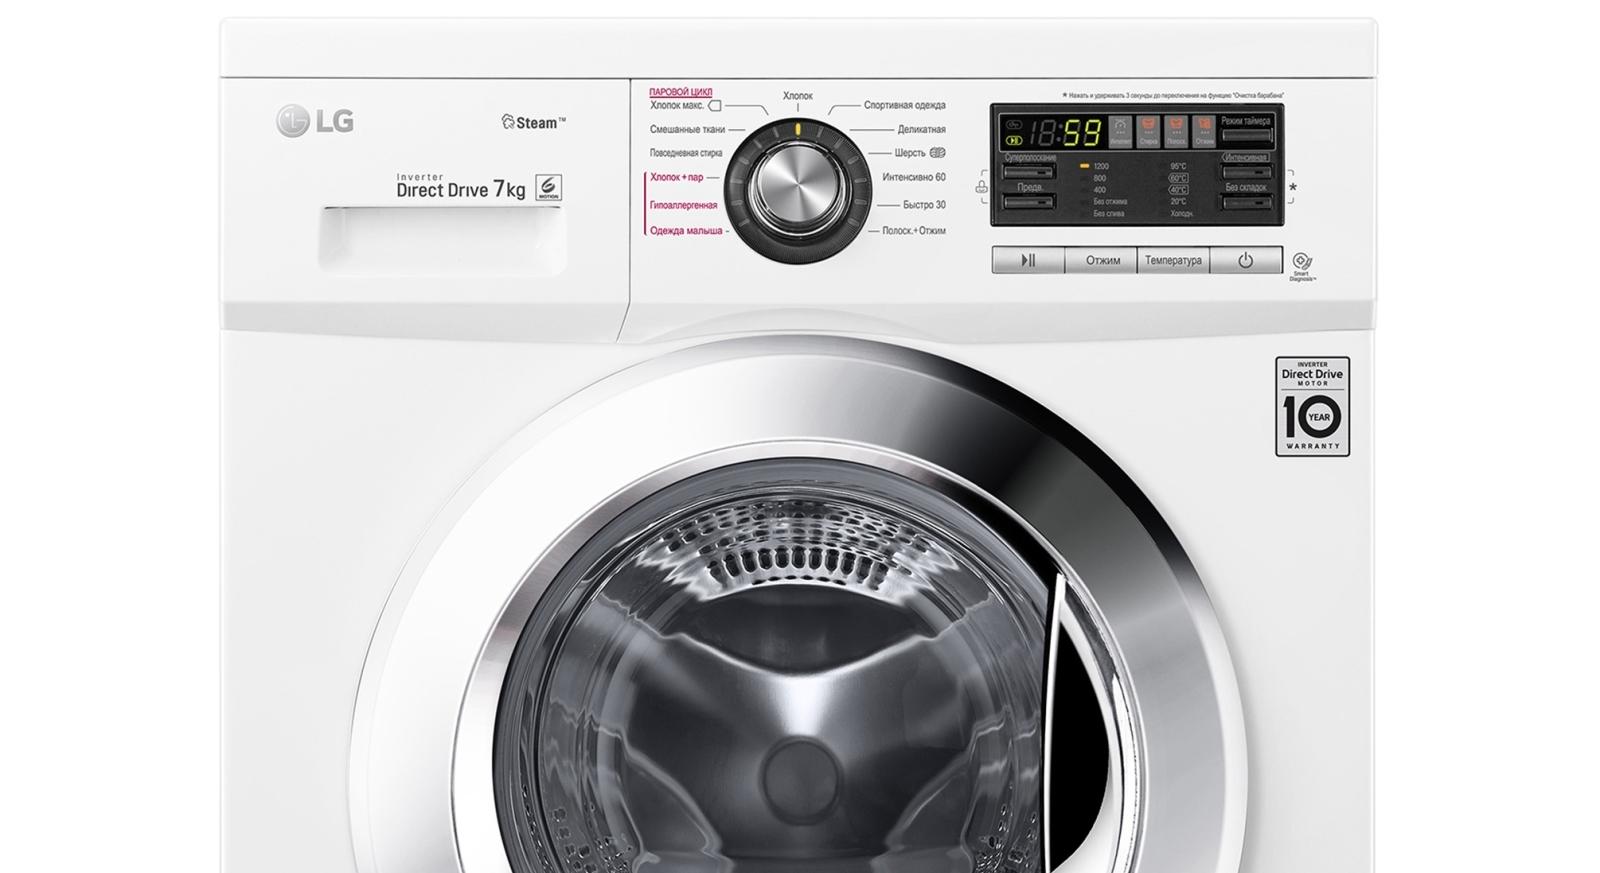 стиральная машина LG прямой привод купить